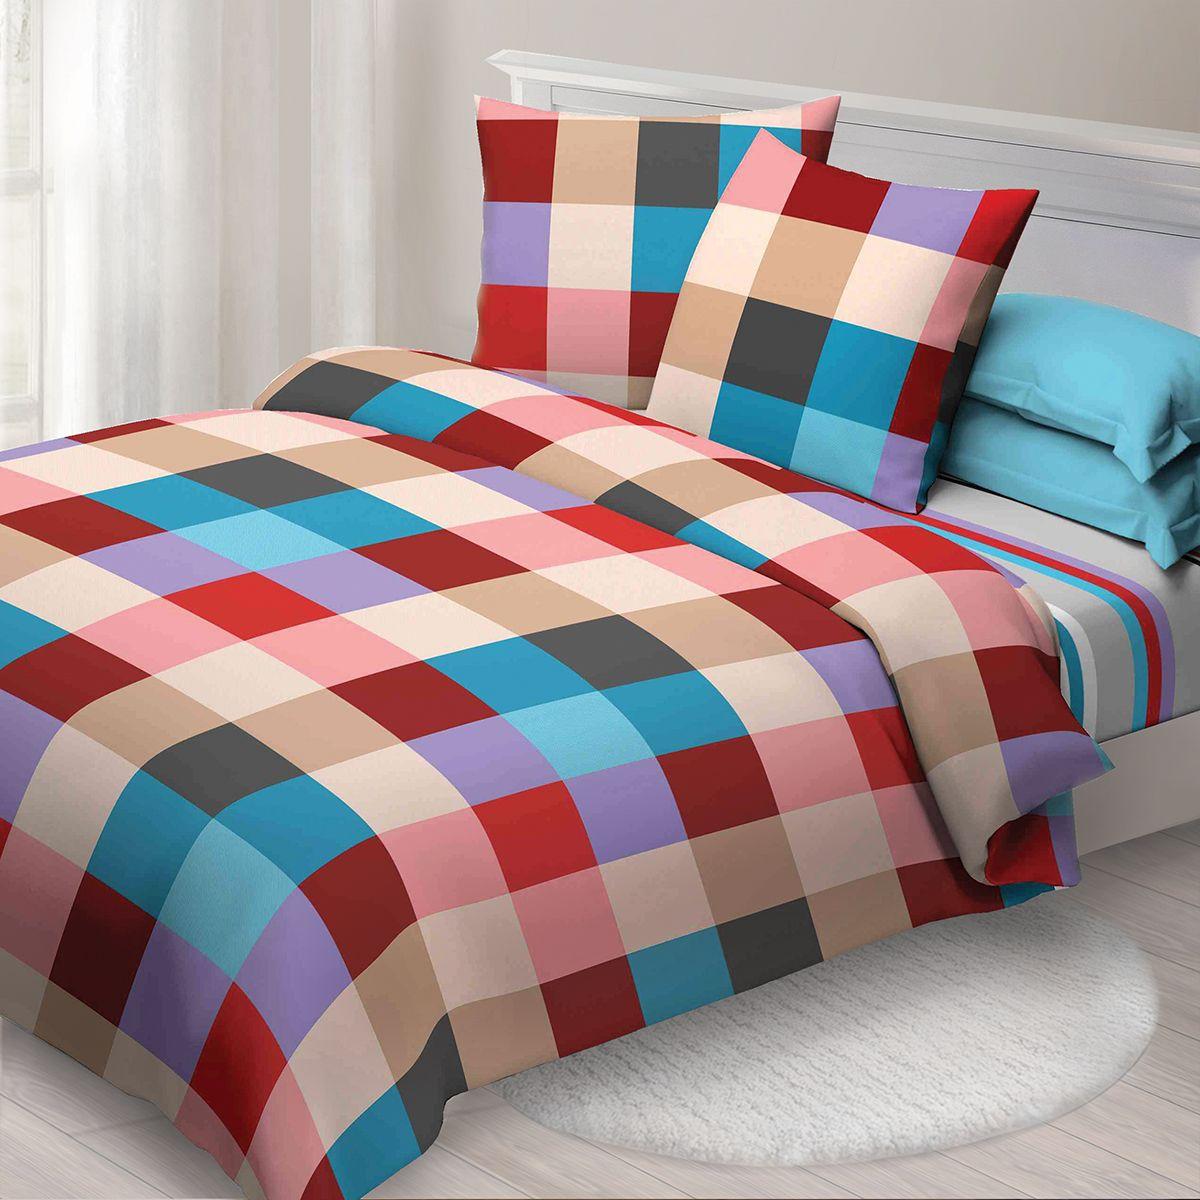 Комплект белья Спал Спалыч Рэйчел, евро, наволочки 70x70, цвет: бордовый. 4082-182466